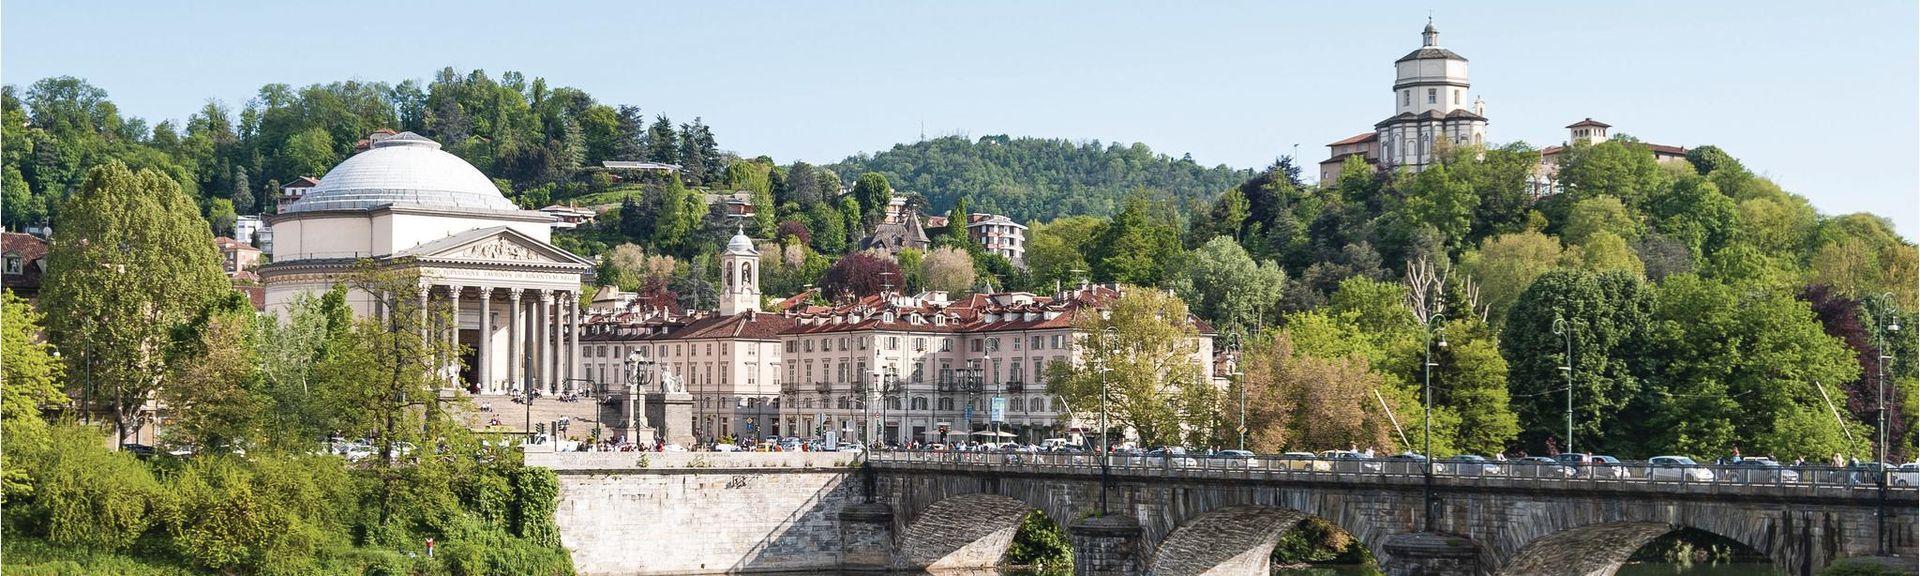 Narzole, Piedmont, Italië